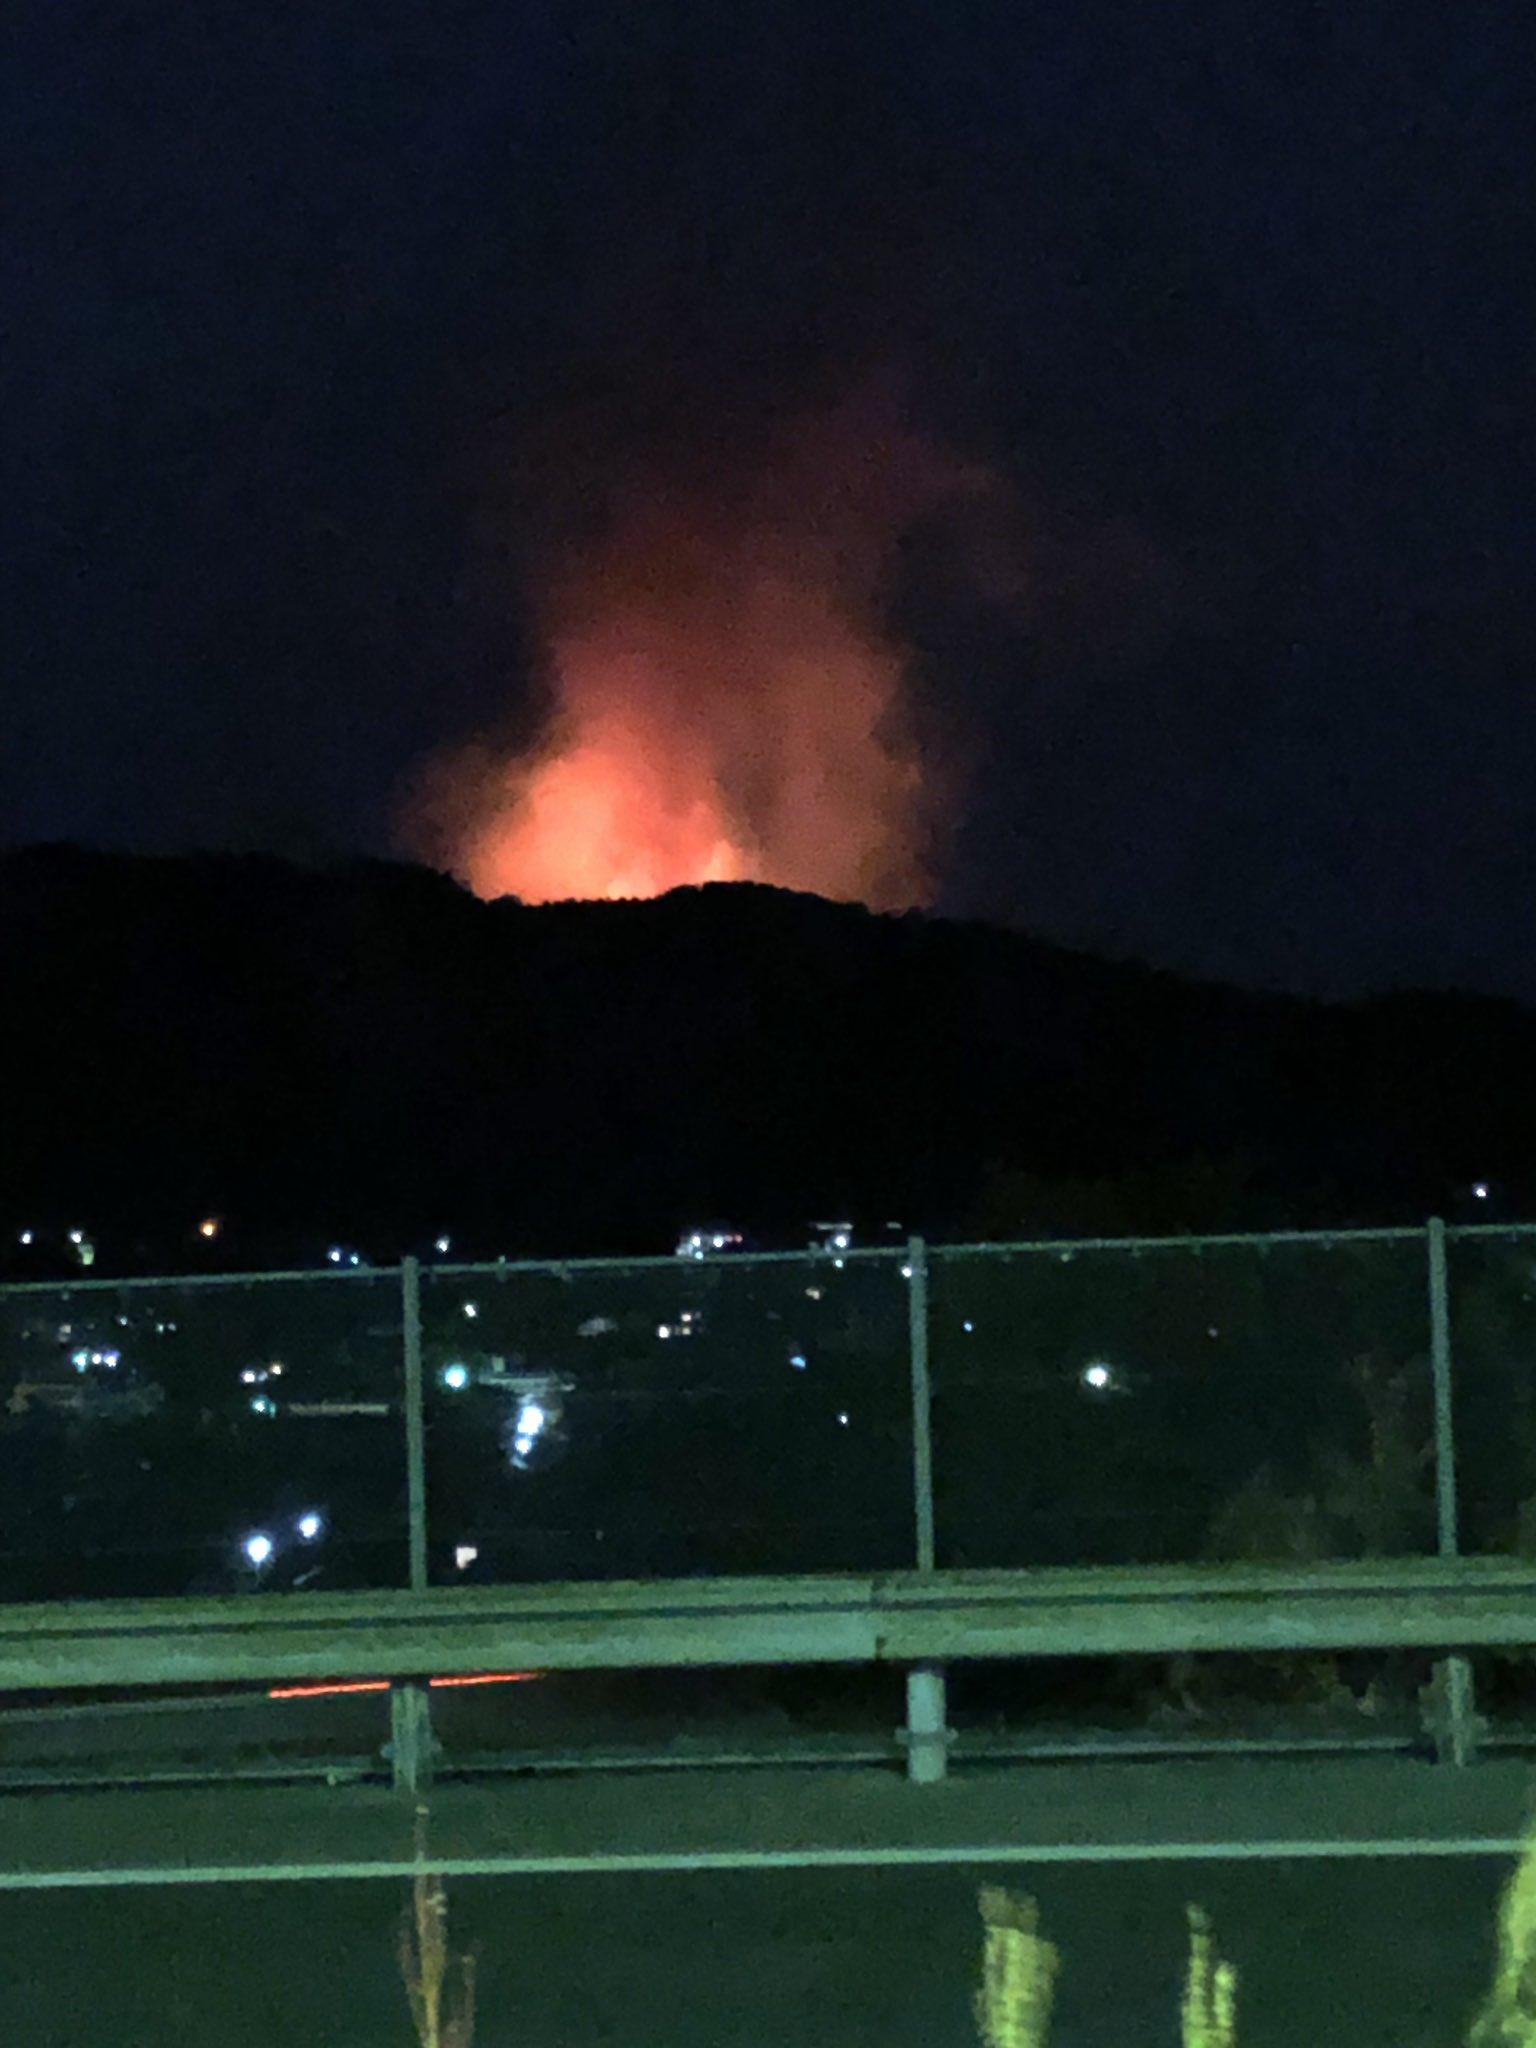 画像,どう見ても山火事っぽい。入野PAからだと隠れてるけど( ̄▽ ̄;) https://t.co/xr25GGQEF8。